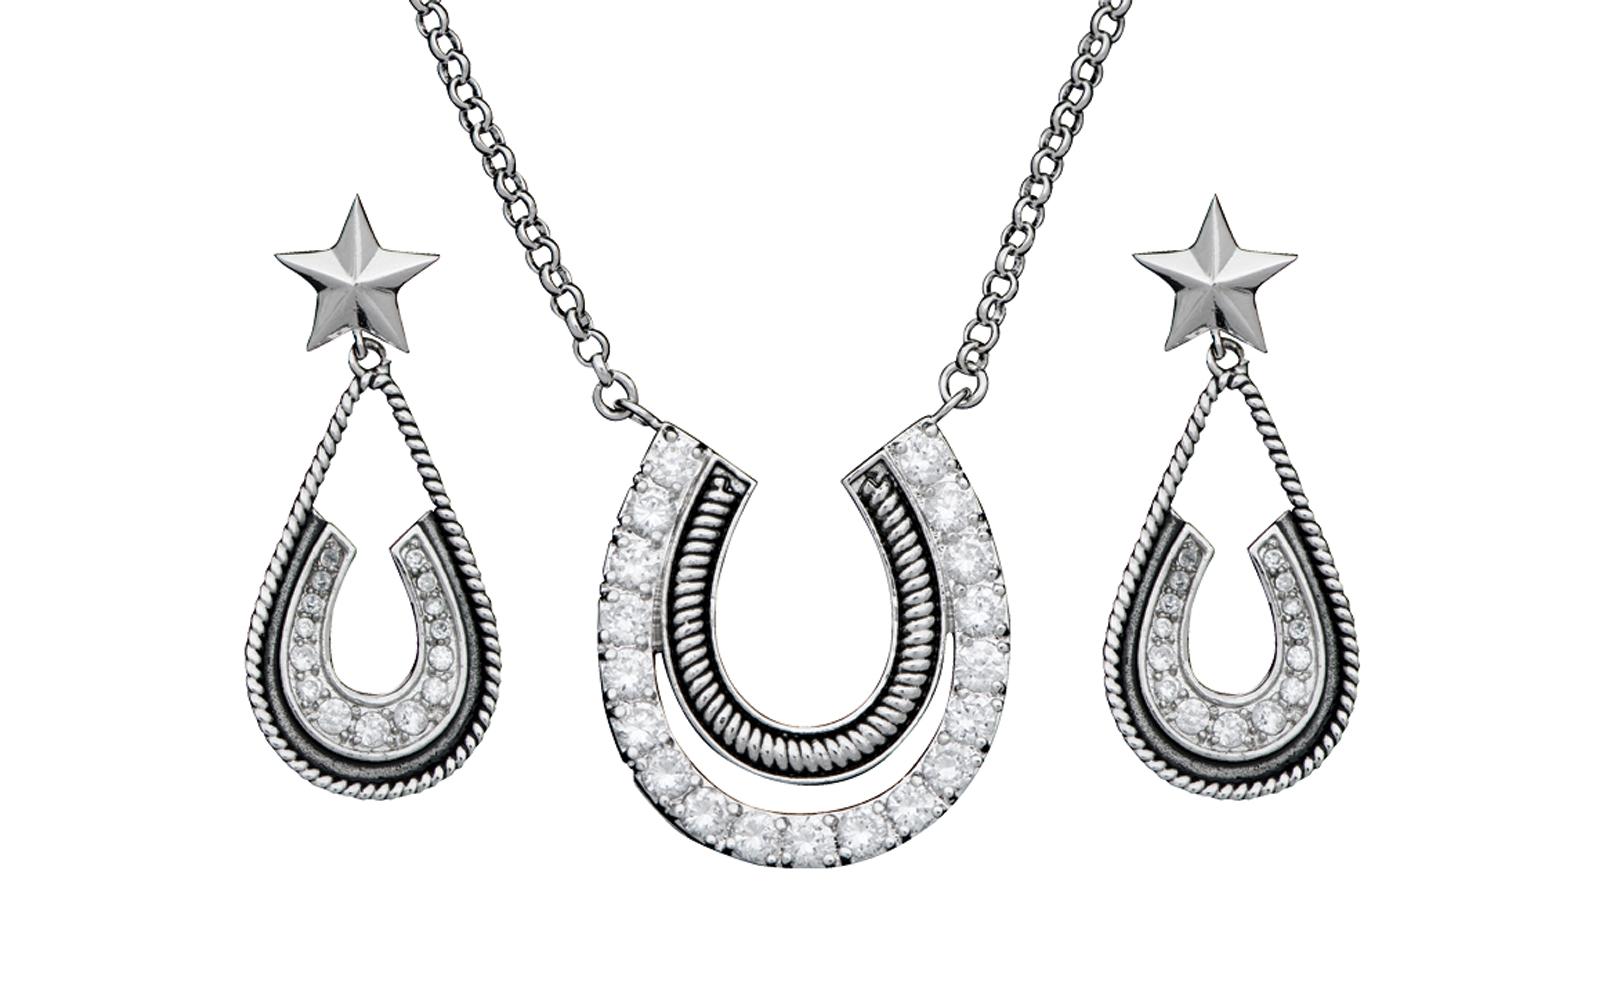 Montana Silversmiths Vintage Charm Pony Trekker Jewelry Set